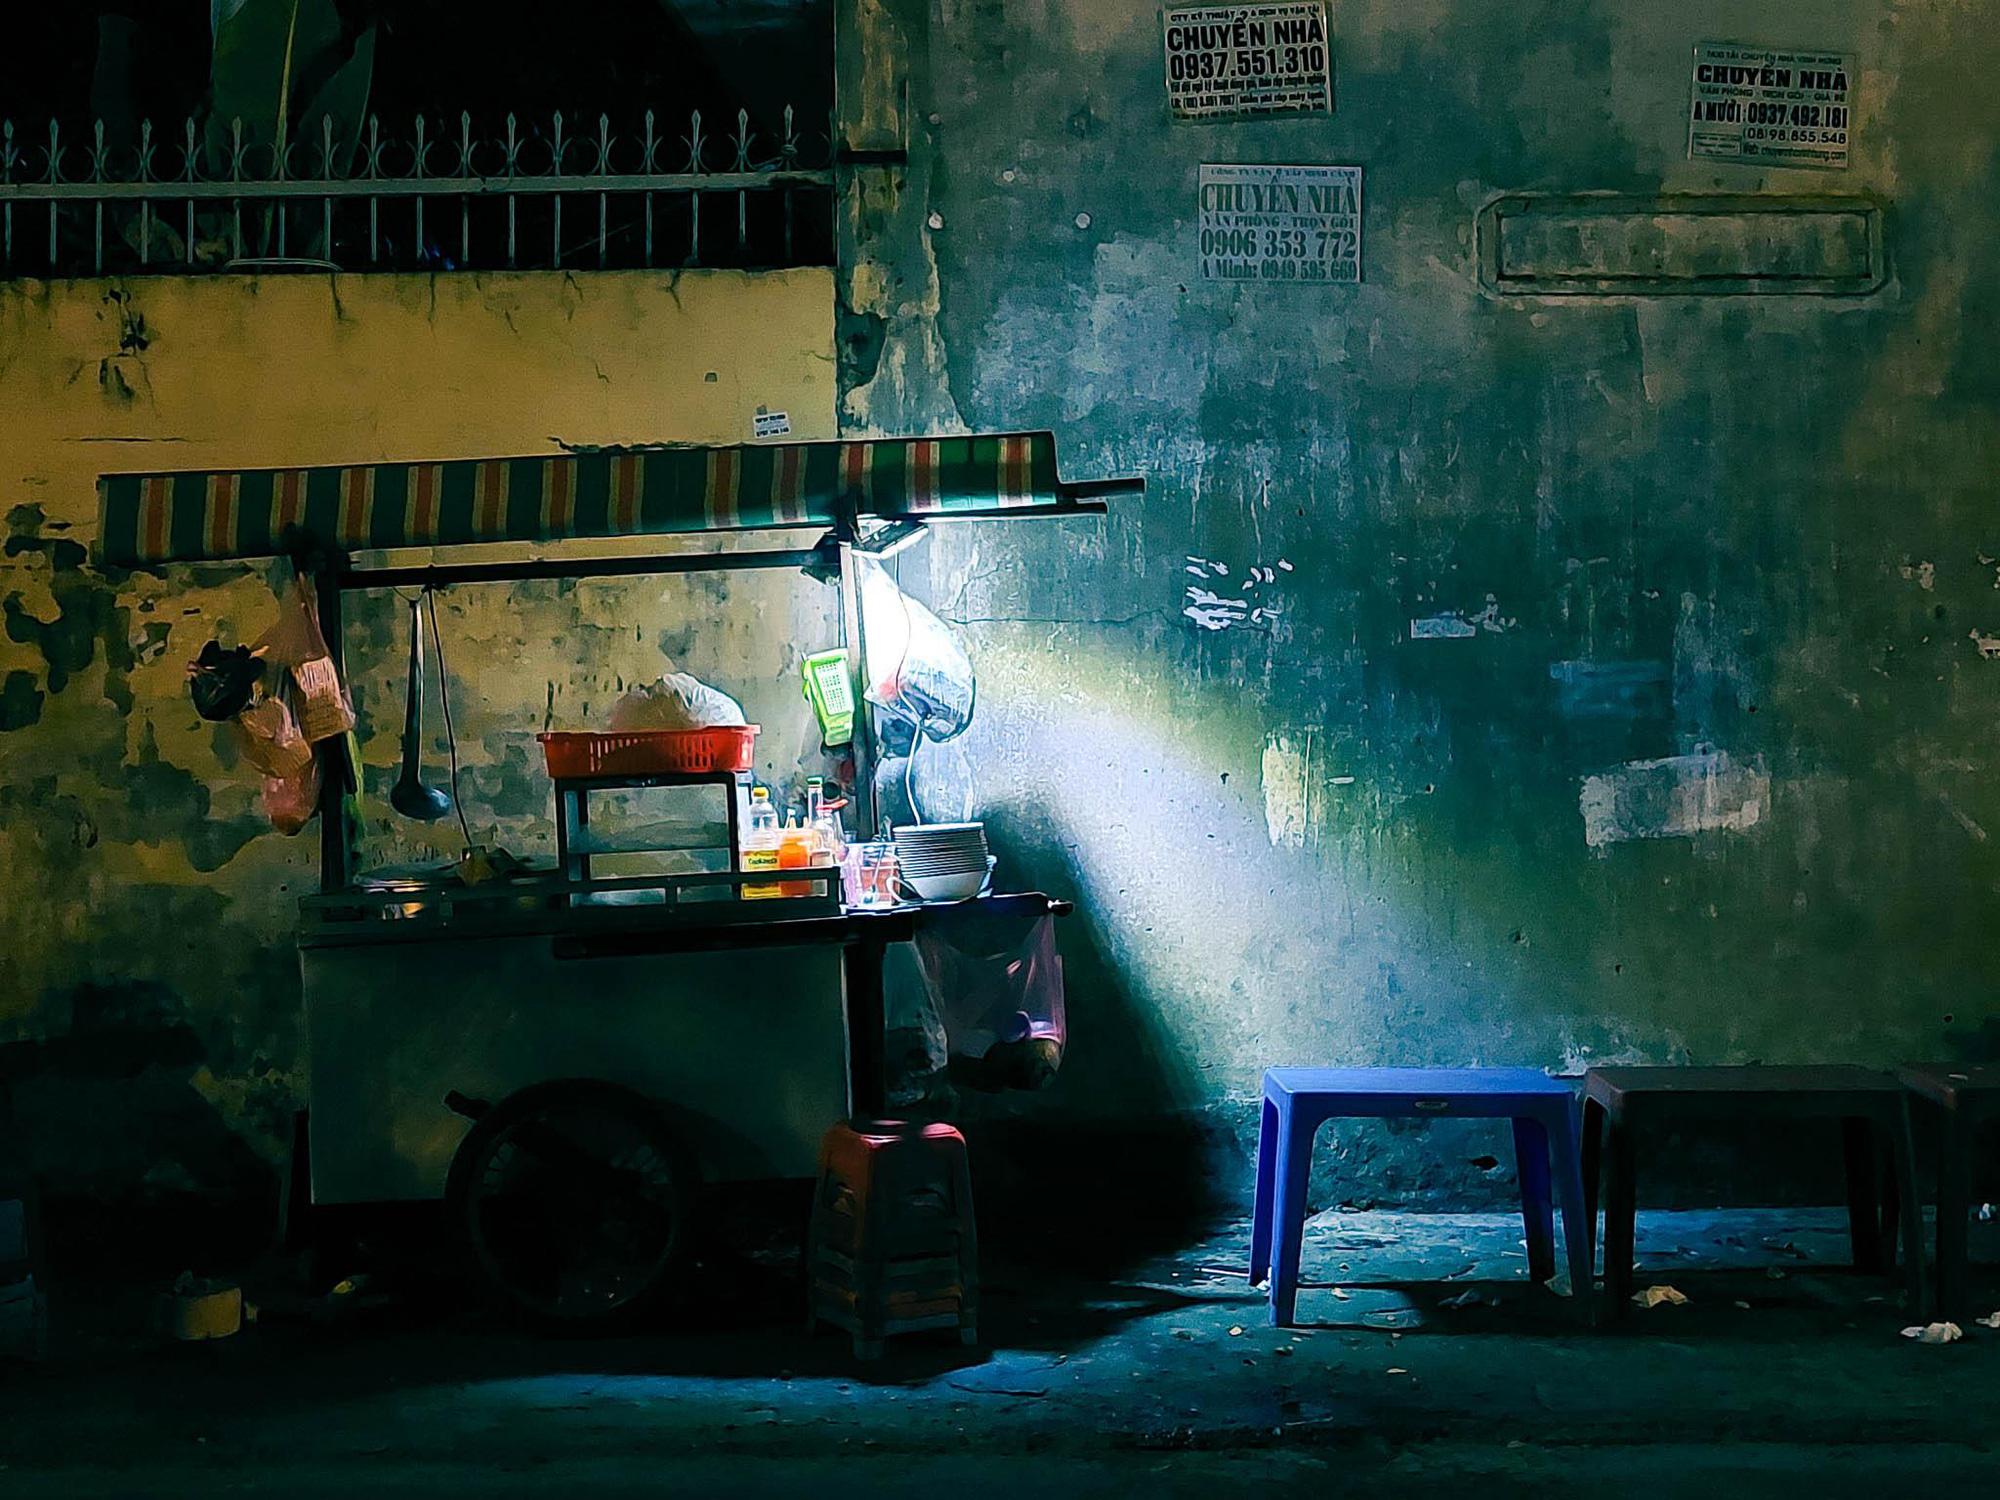 Sài Gòn - thành phố không ngủ qua ống kính Galaxy A72 - Ảnh 10.